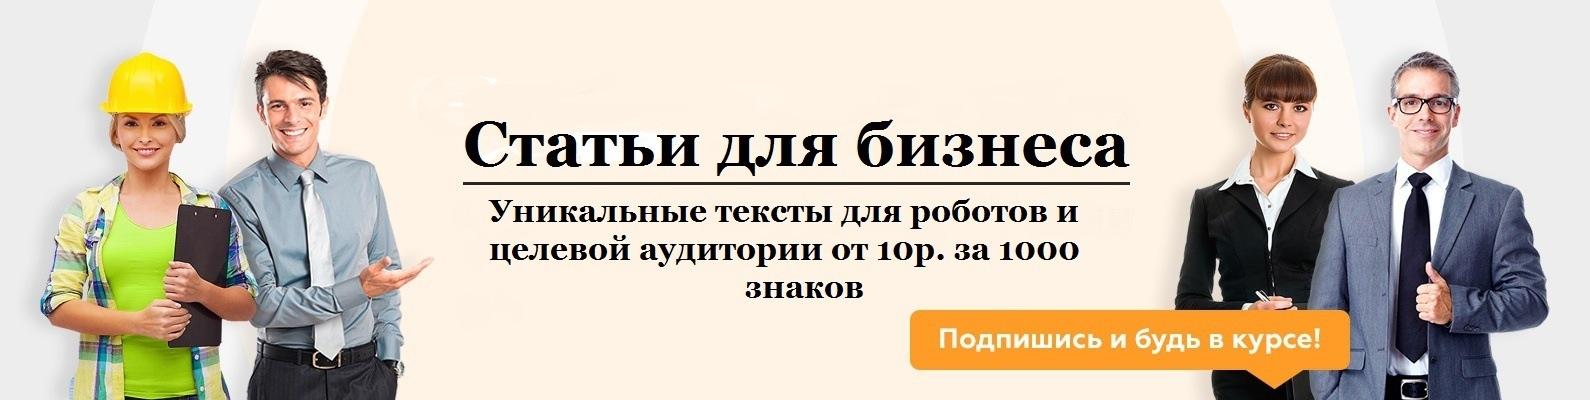 магазин статей с картинками